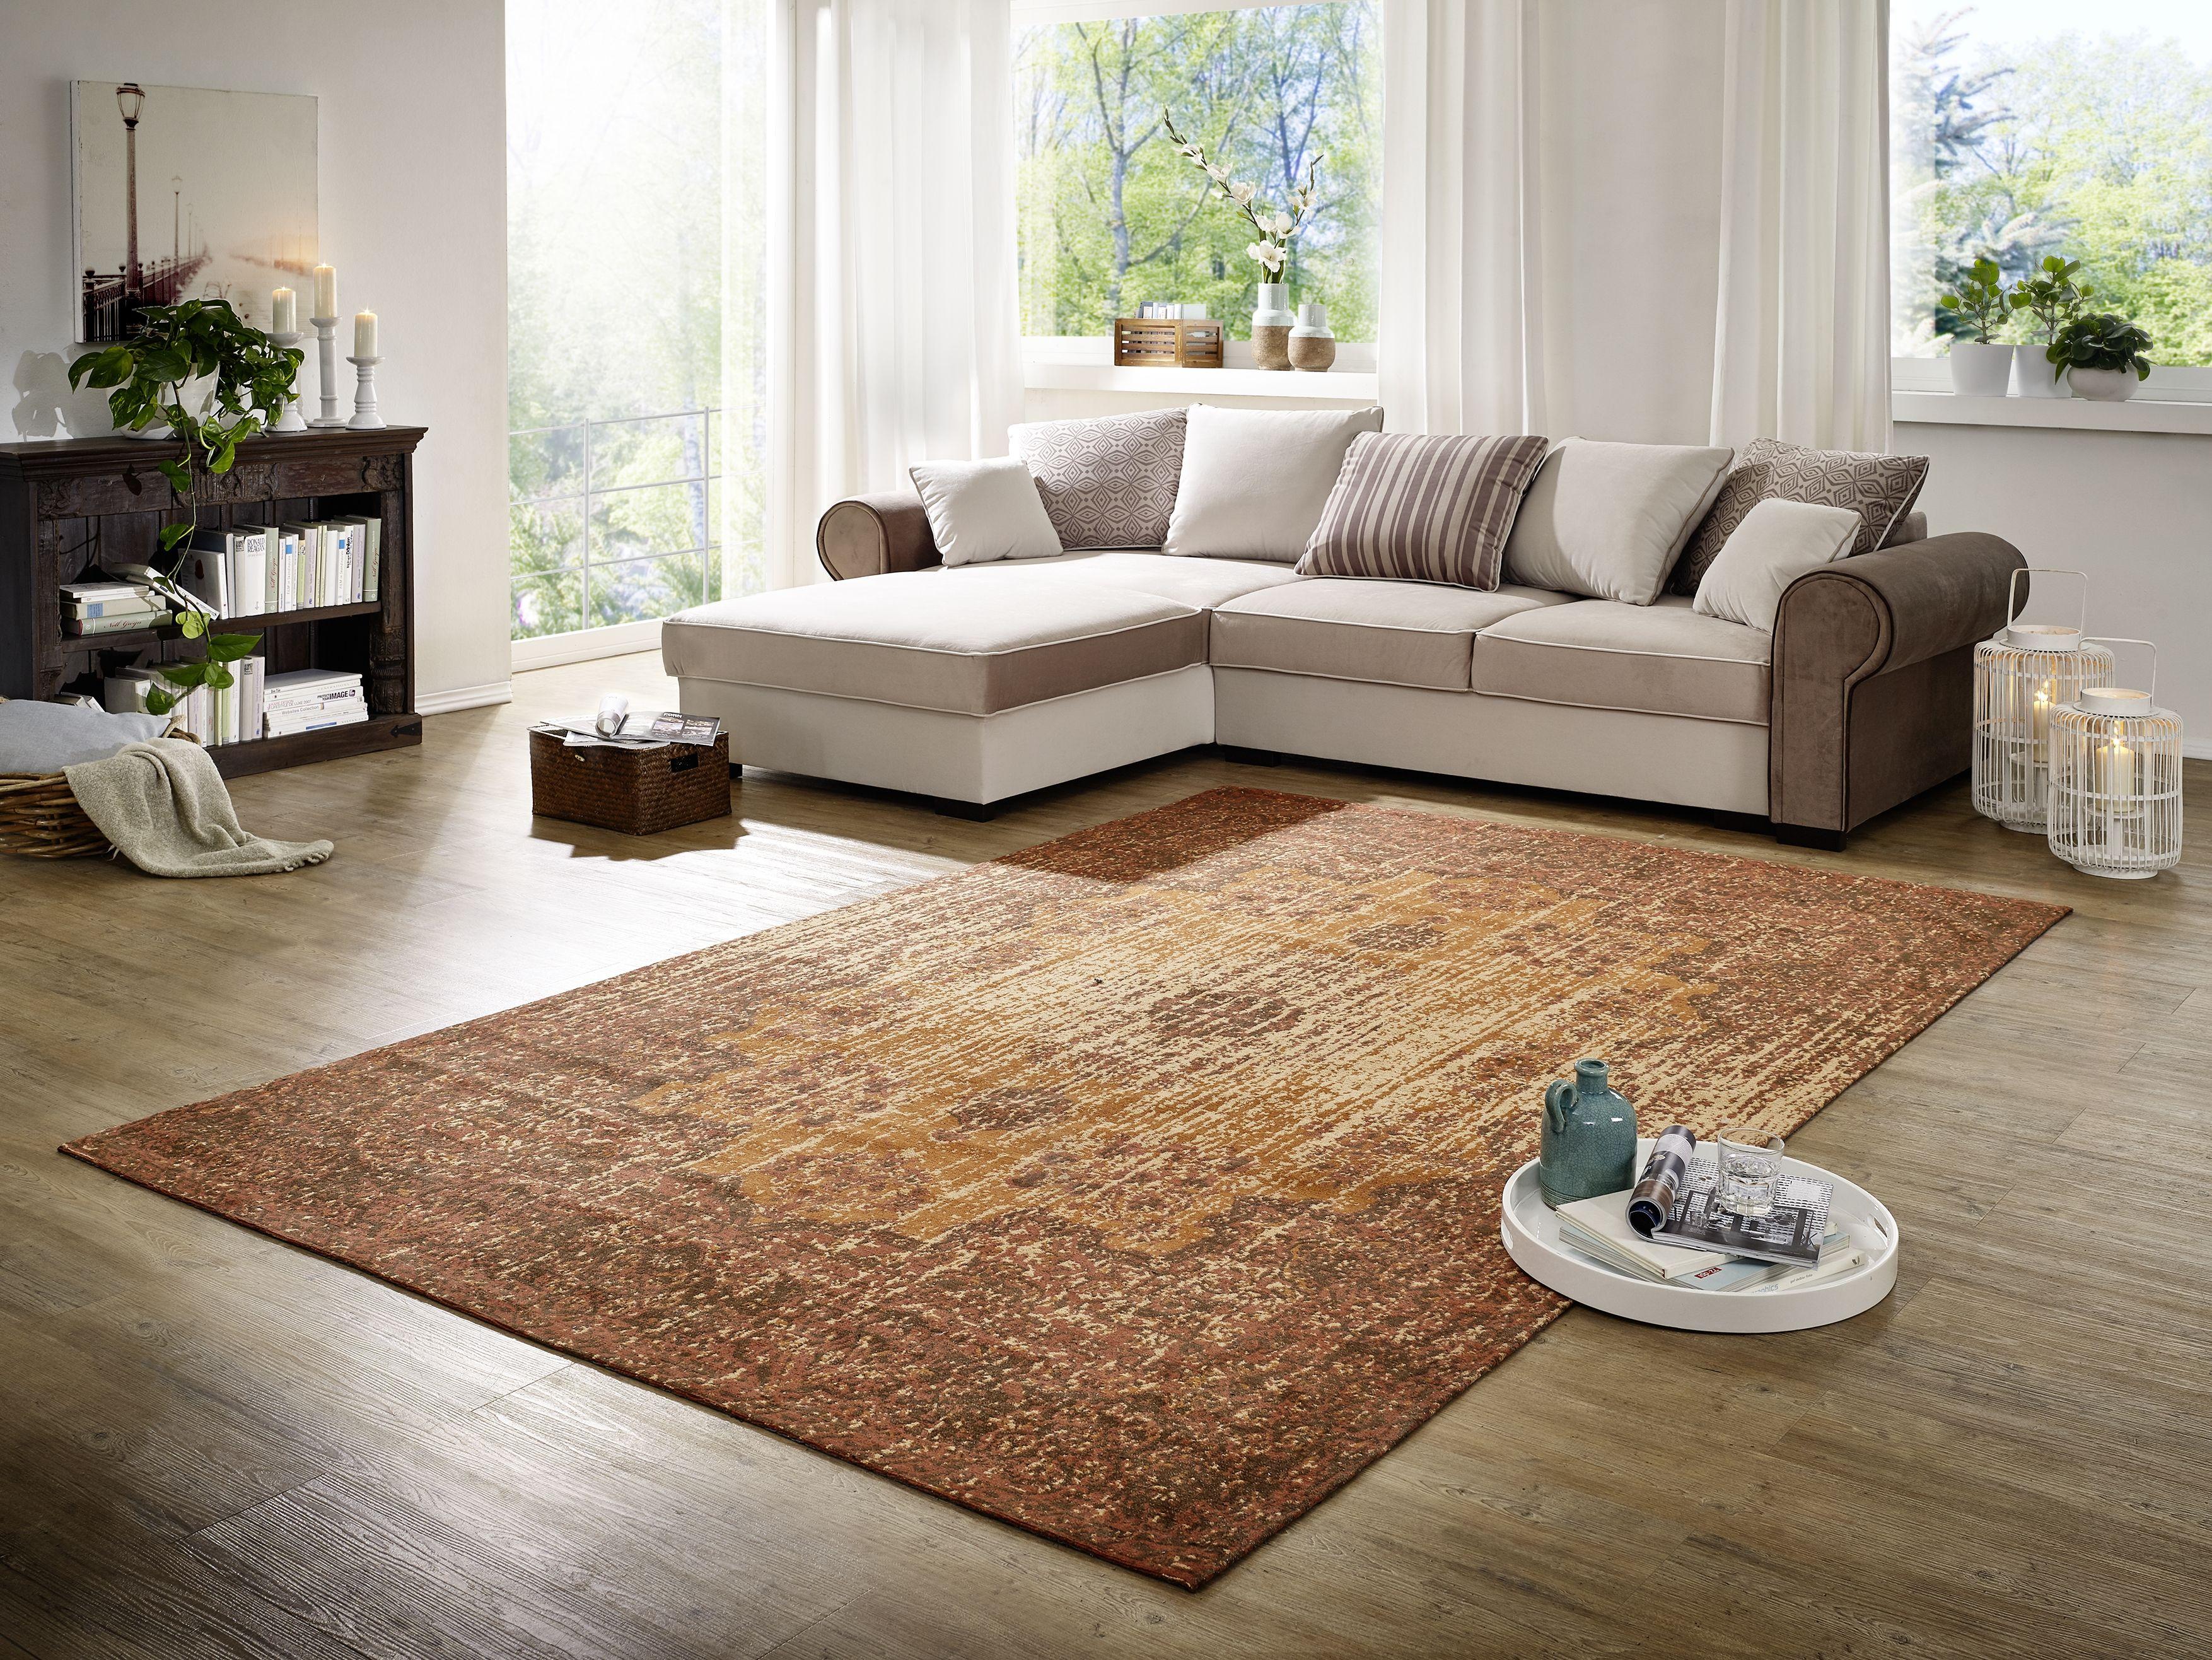 vintage teppiche schnelle lieferung tiefpreisgarantie teppiche pinterest einrichtung. Black Bedroom Furniture Sets. Home Design Ideas